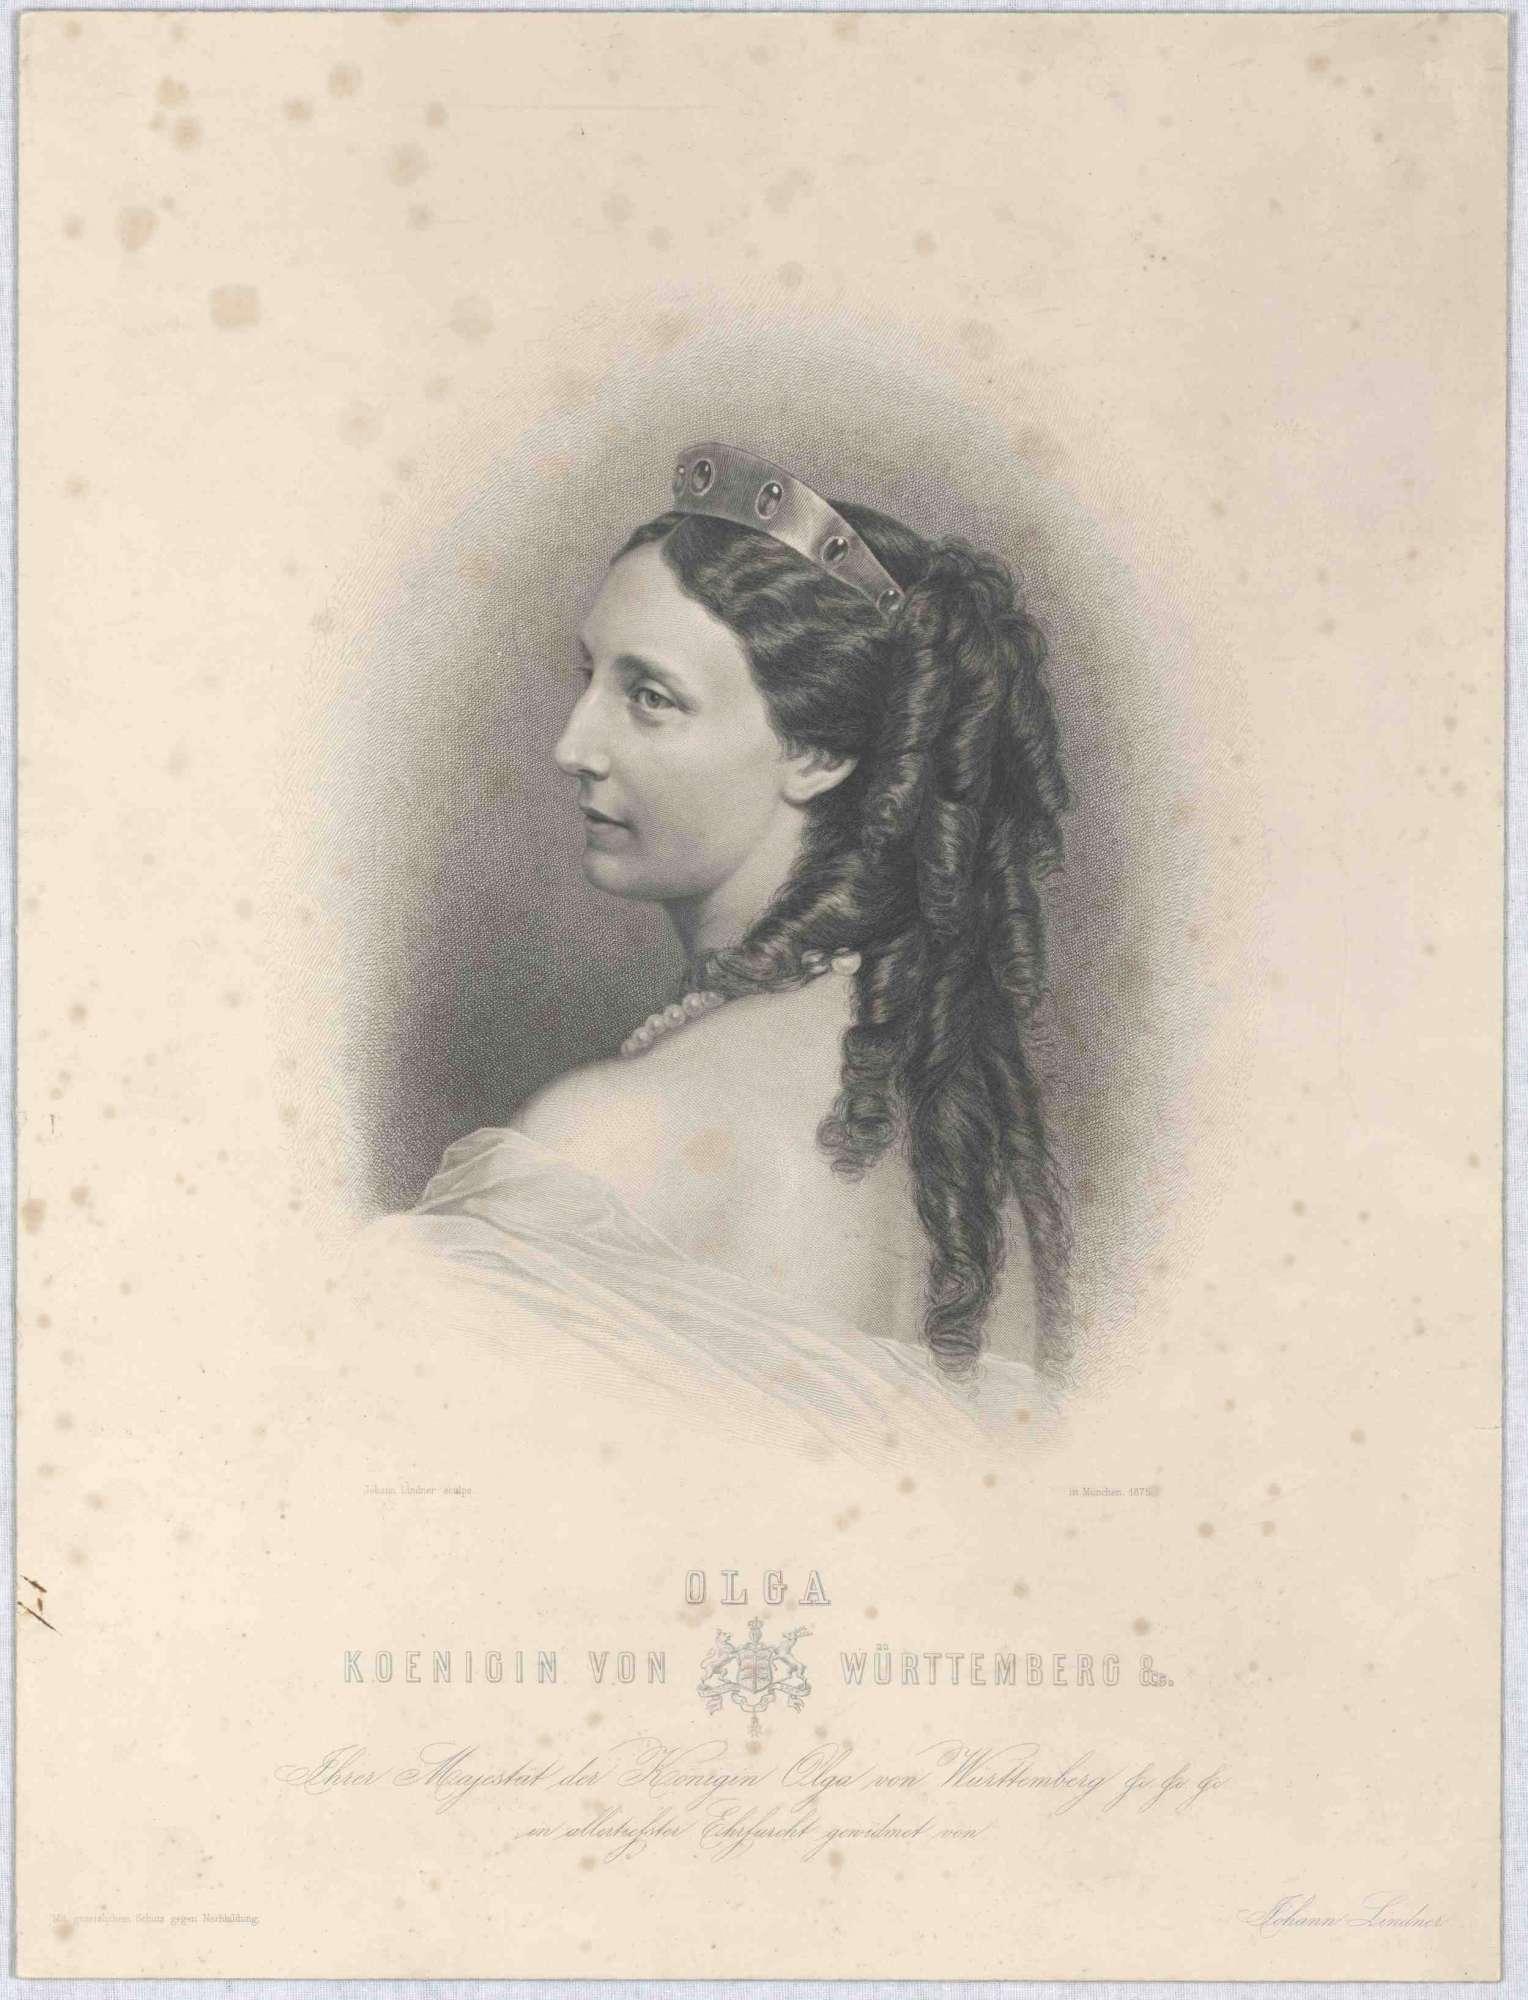 Königin Olga von Württemberg mit Diadem, Brustbild in Halbprofil, Bild 1